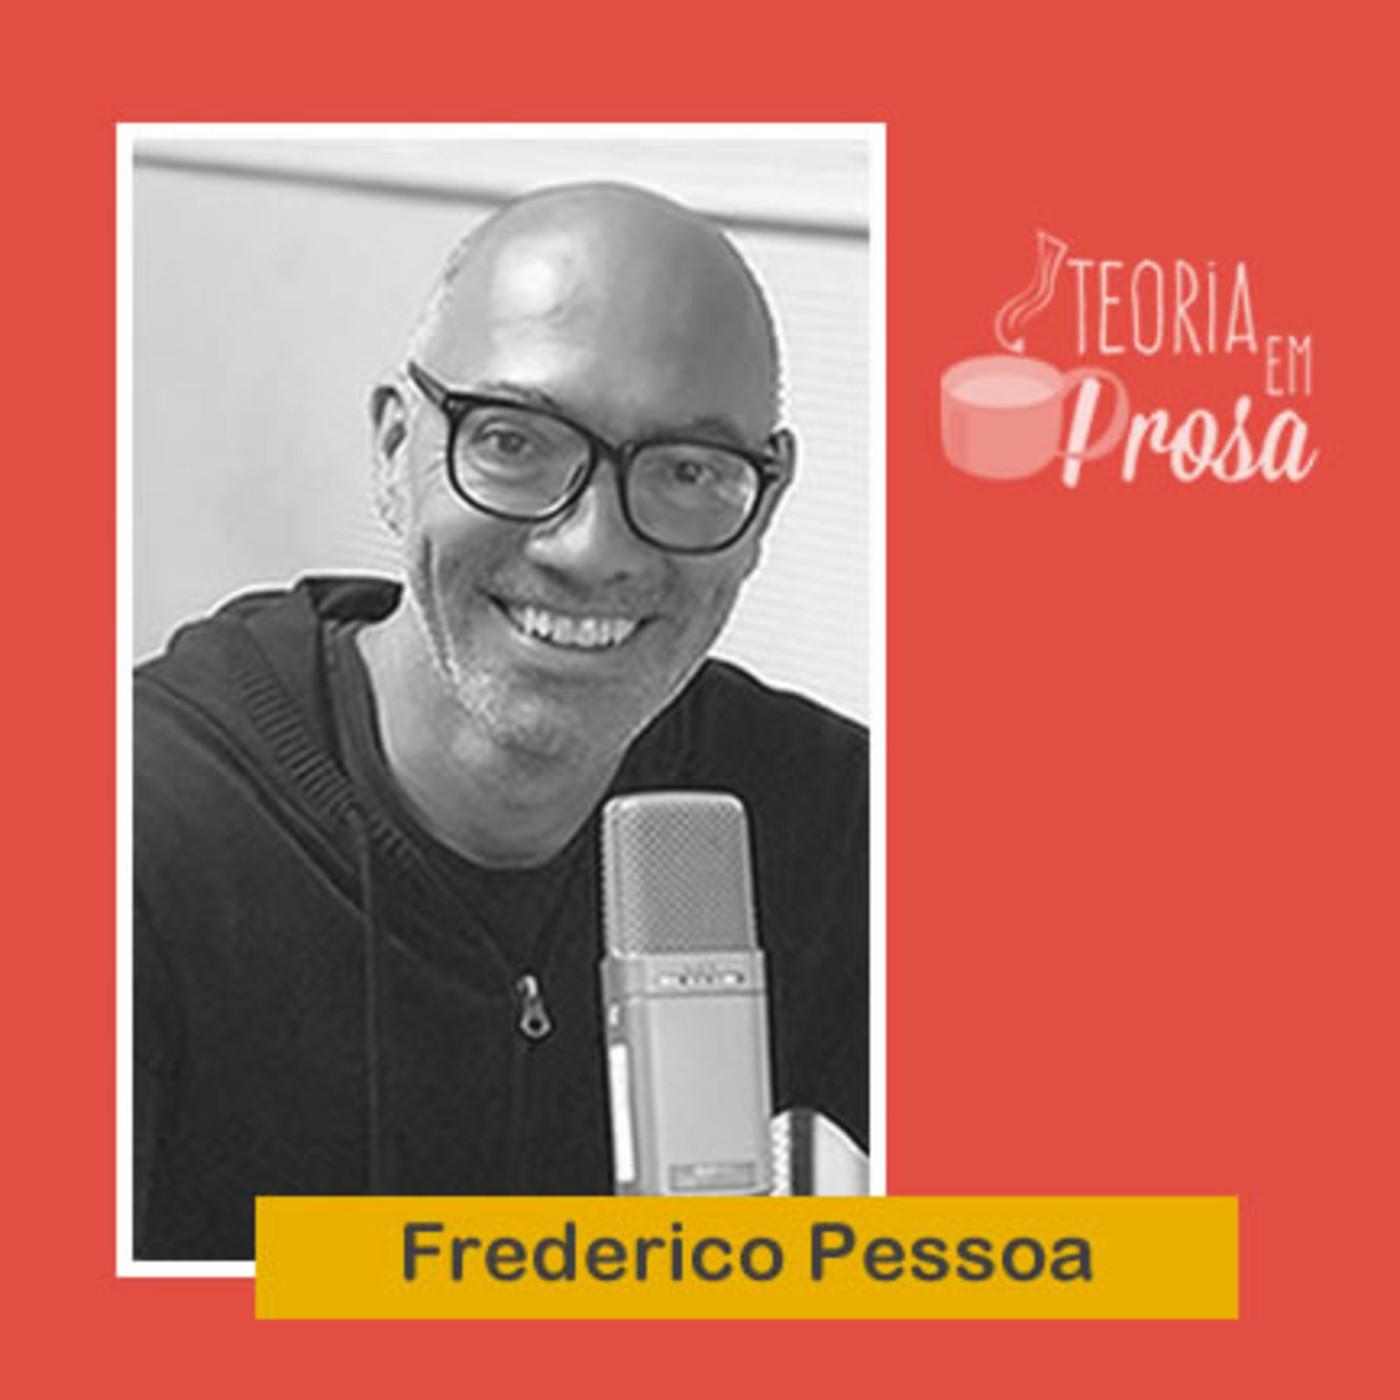 #07 Teoria em Prosa - Frederico Pessoa